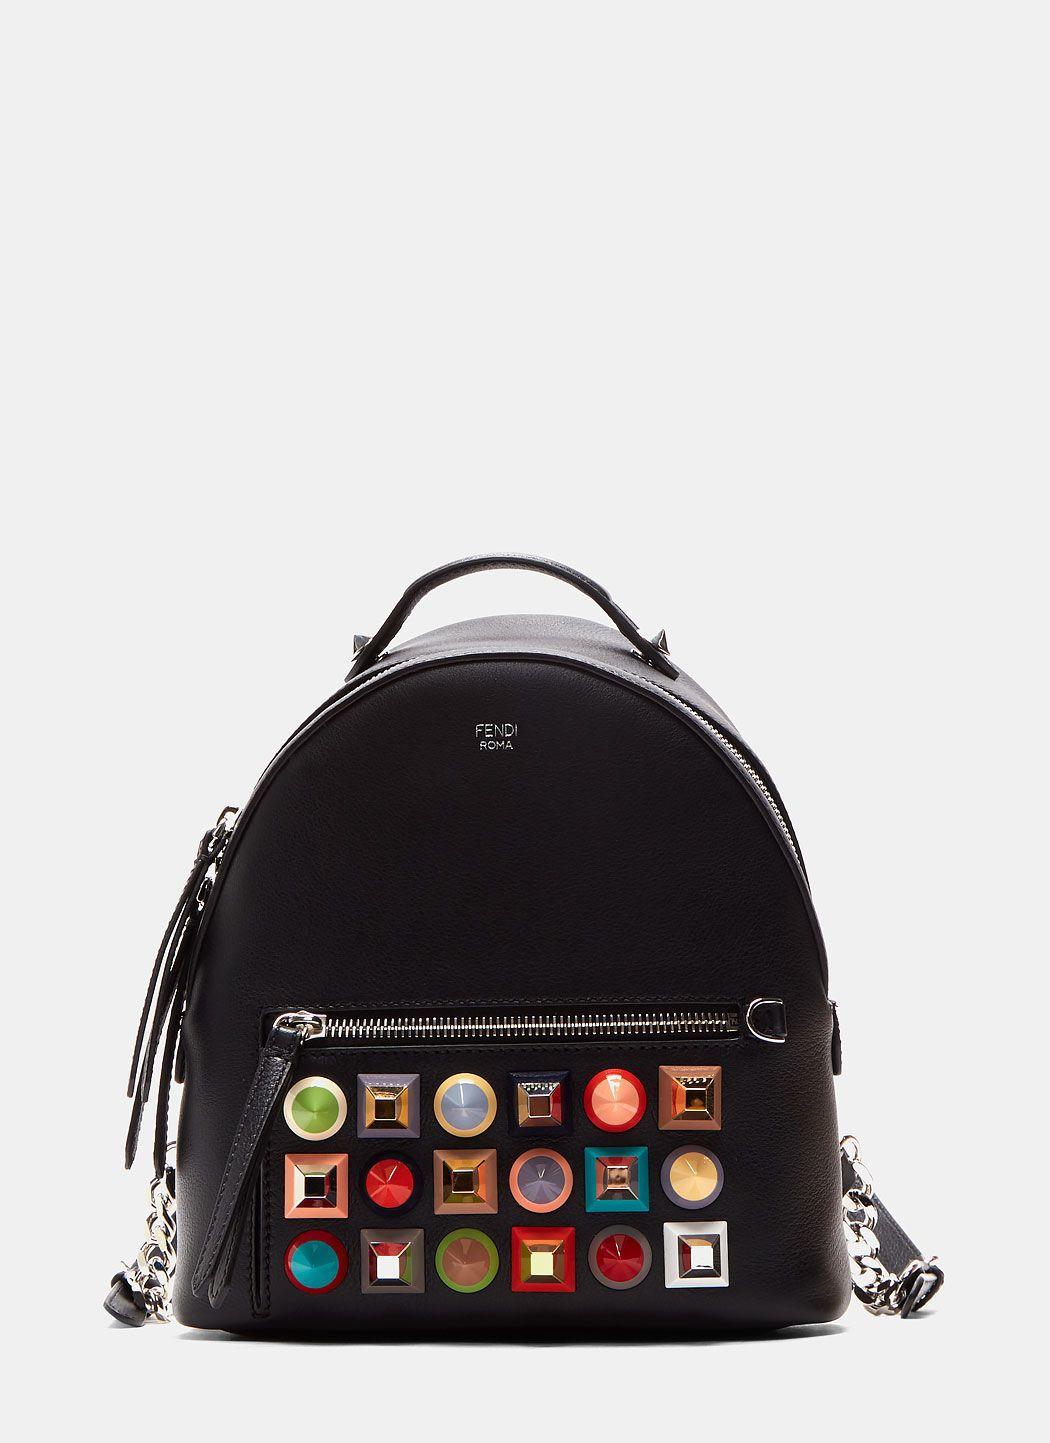 651678b81415 FENDI Women S Mini Geometric Studded Backpack In Black.  fendi  bags   leather  backpacks